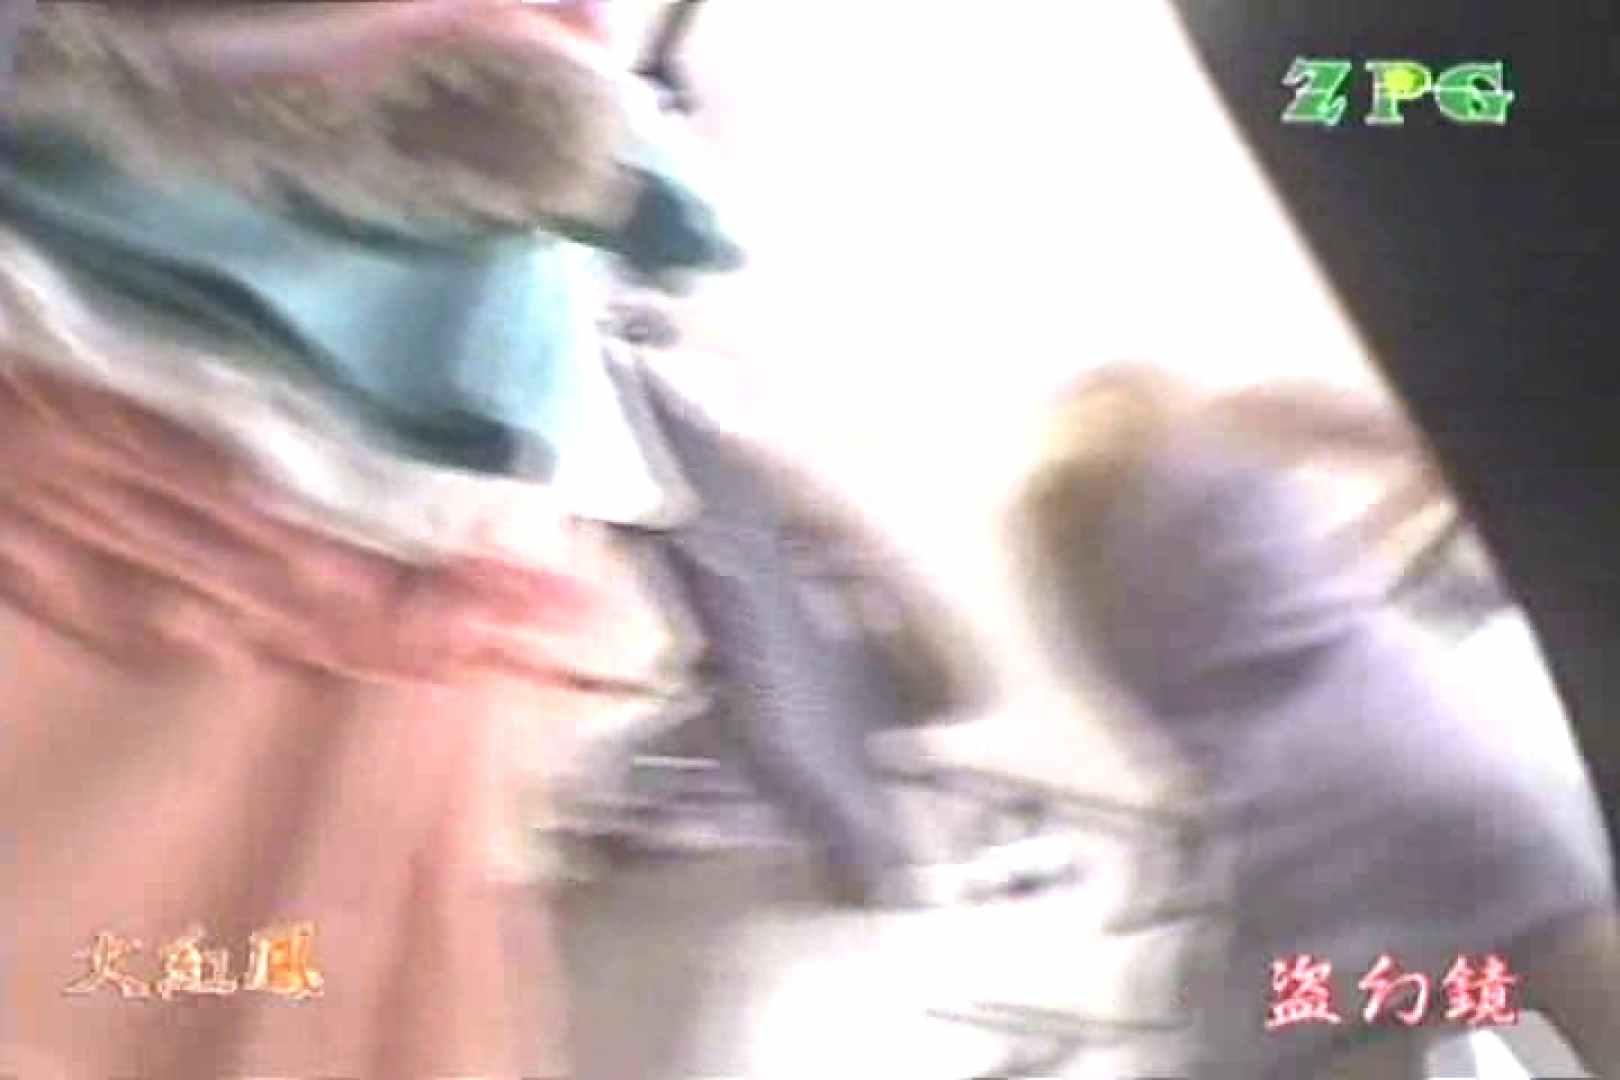 究極カリスマショップ逆さ撮り 完全保存版02 盗撮 | 覗き  108pic 84